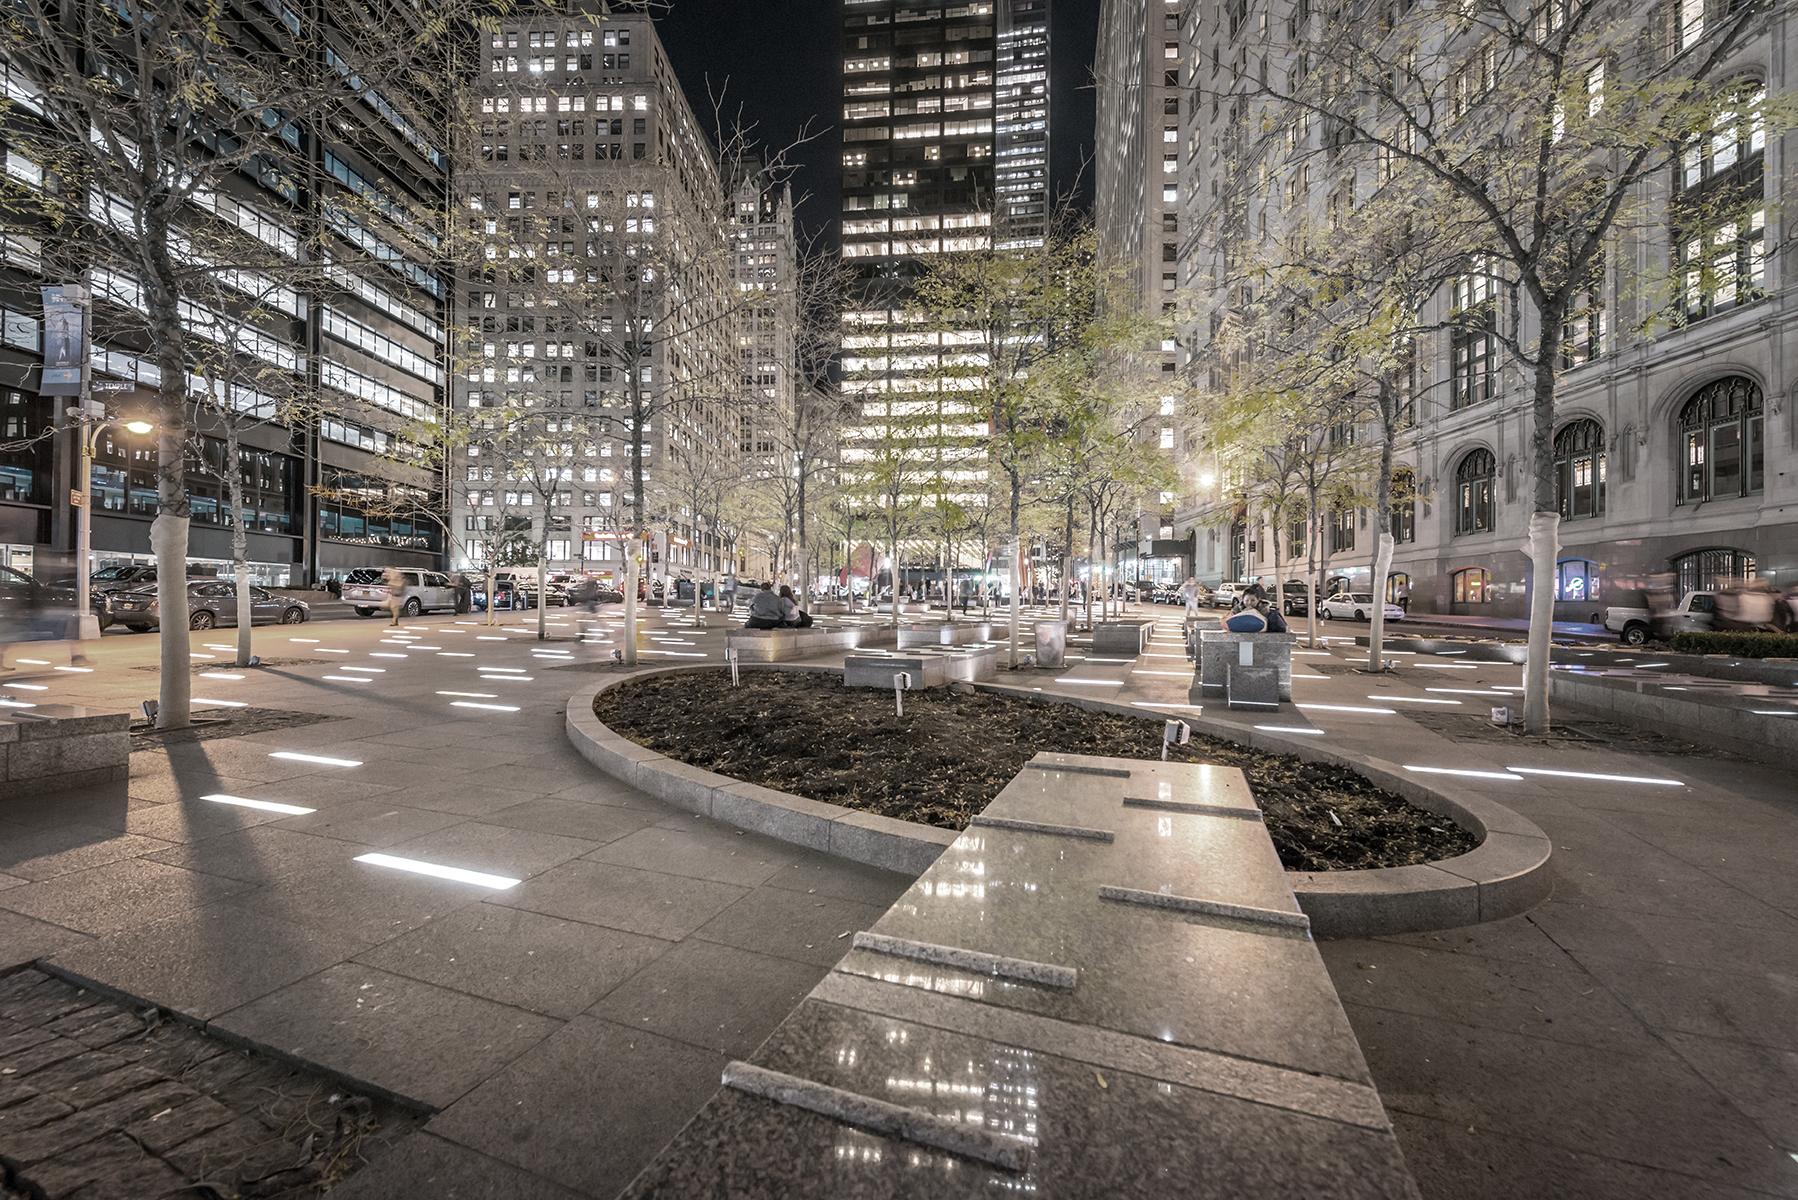 Zuccotti Park, New York